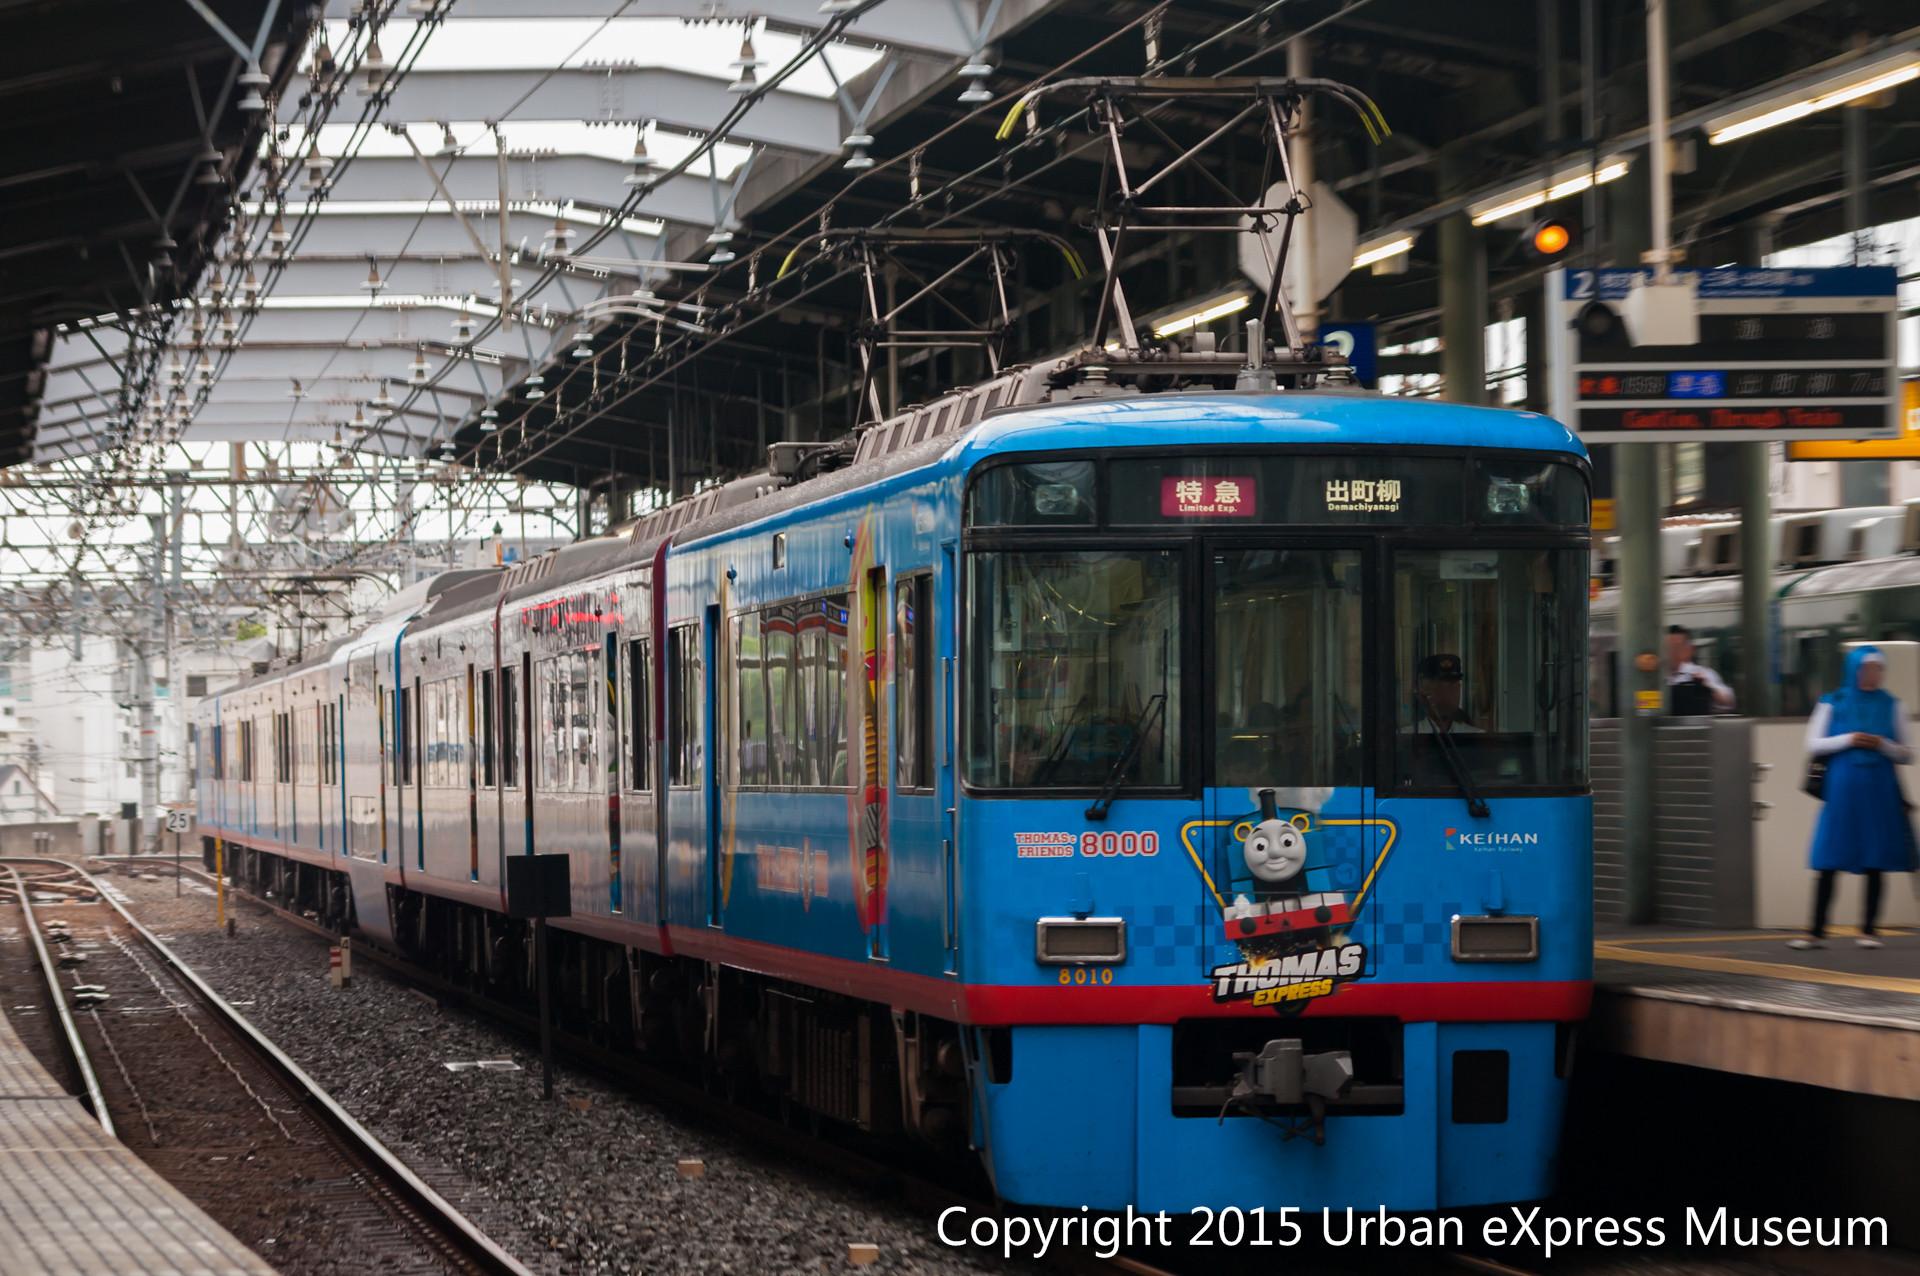 京阪8000系 - 青い8000系が駆け抜ける - Urban eXpress Museum